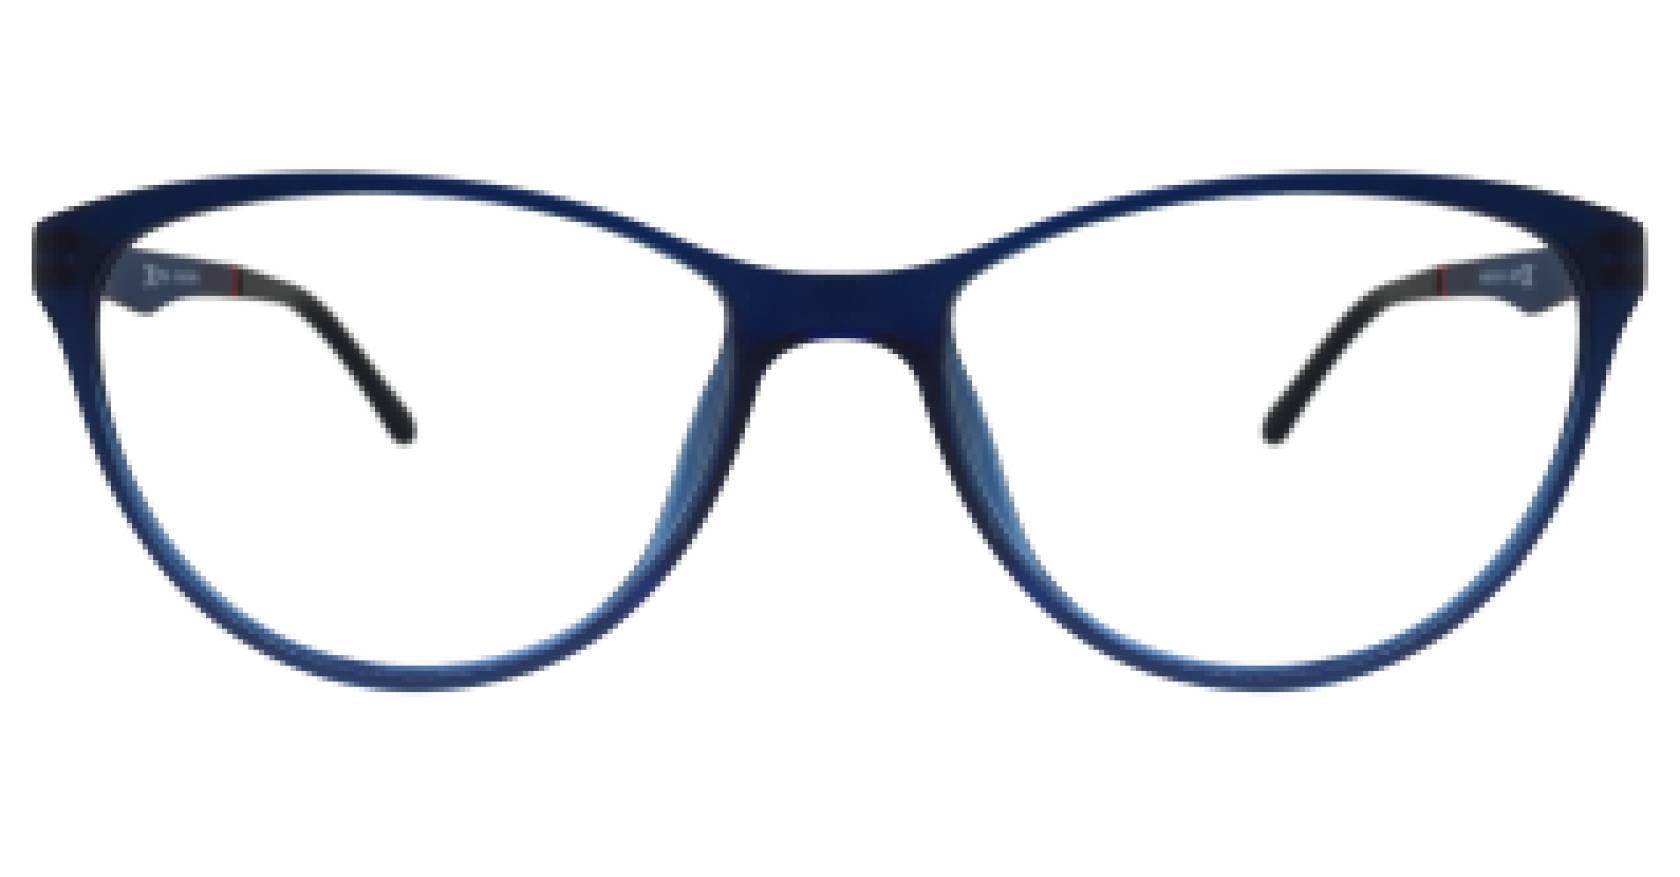 imagen miniatura frontal de la referencia 100967